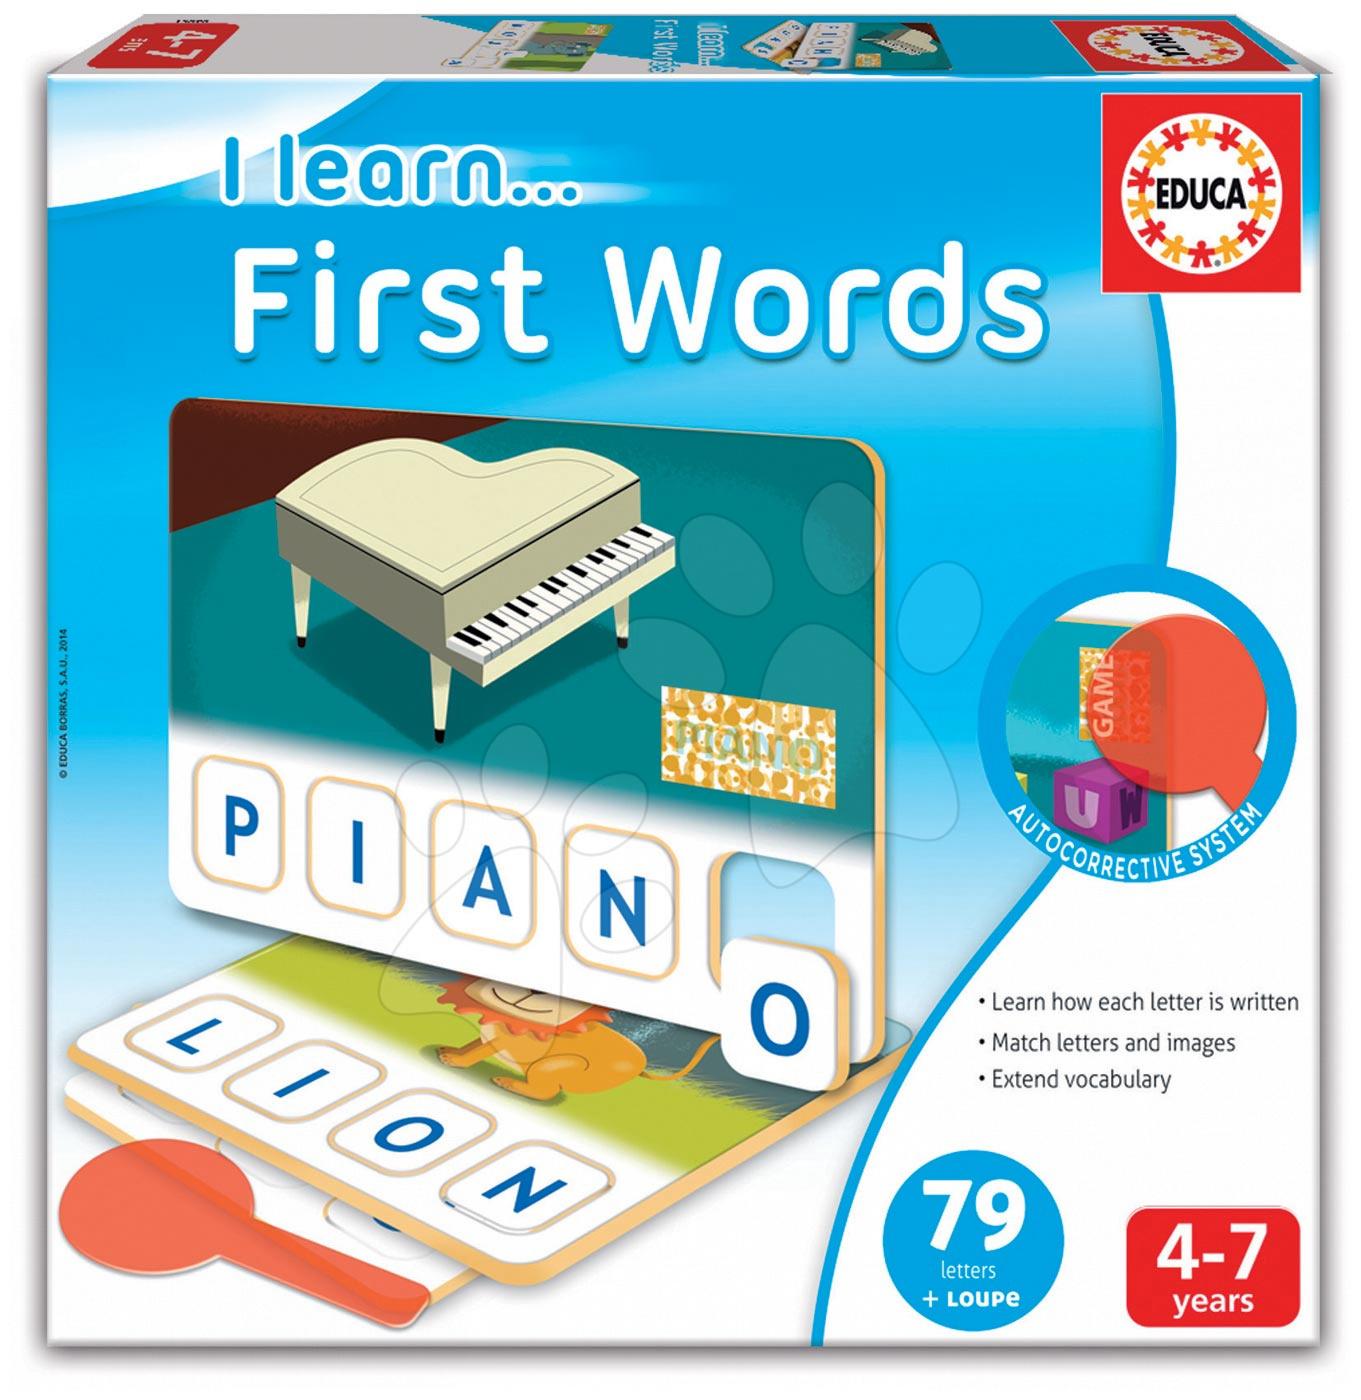 Cudzojazyčné spoločenské hry - Náučná hra Učíme sa Prvé slová Educa 79 dielov v angličtine od 4 rokov